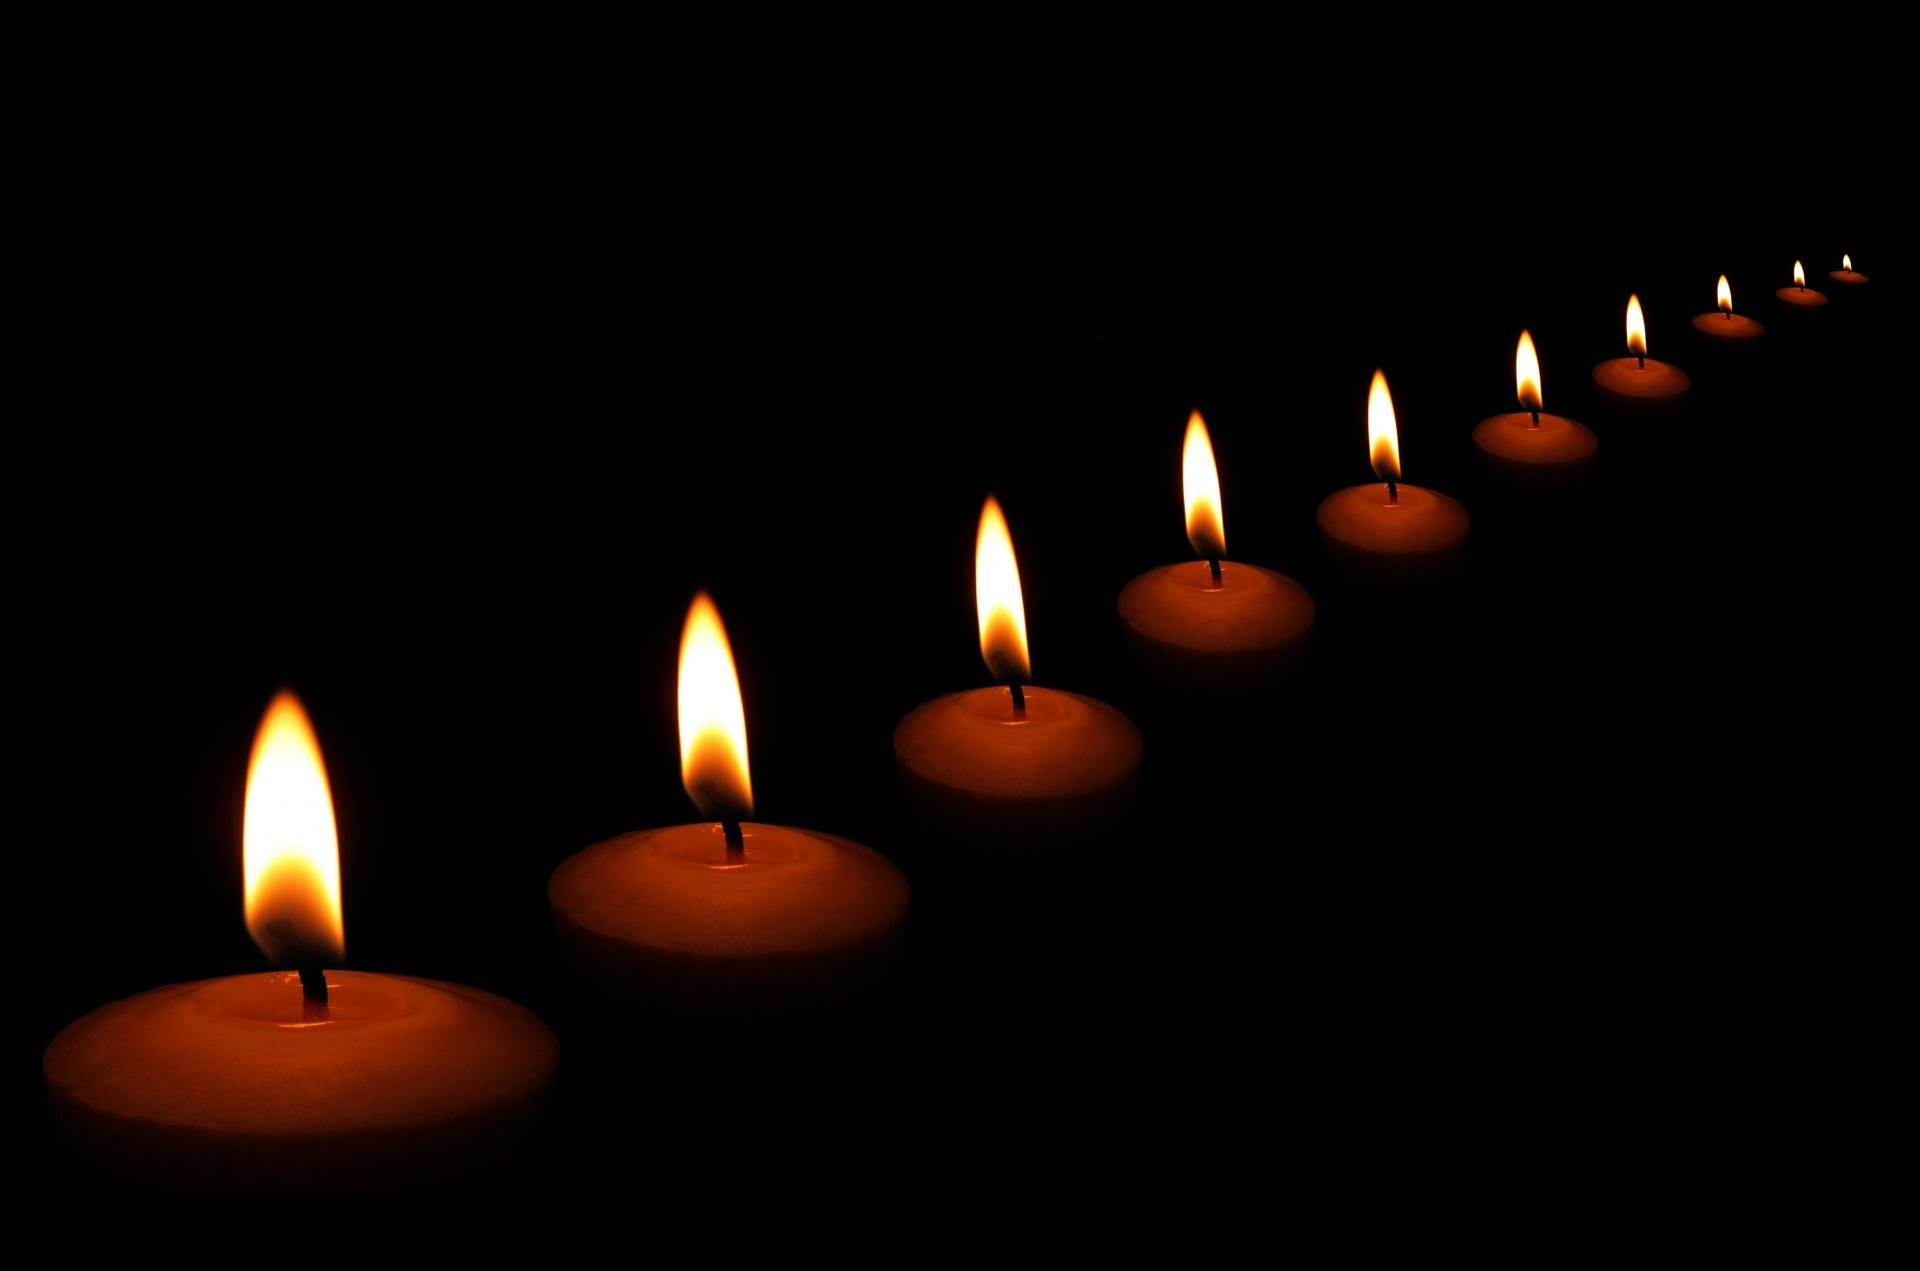 Magija svijeća: Kako da vam se ispune sve želje - Radio Treća Dimenzija